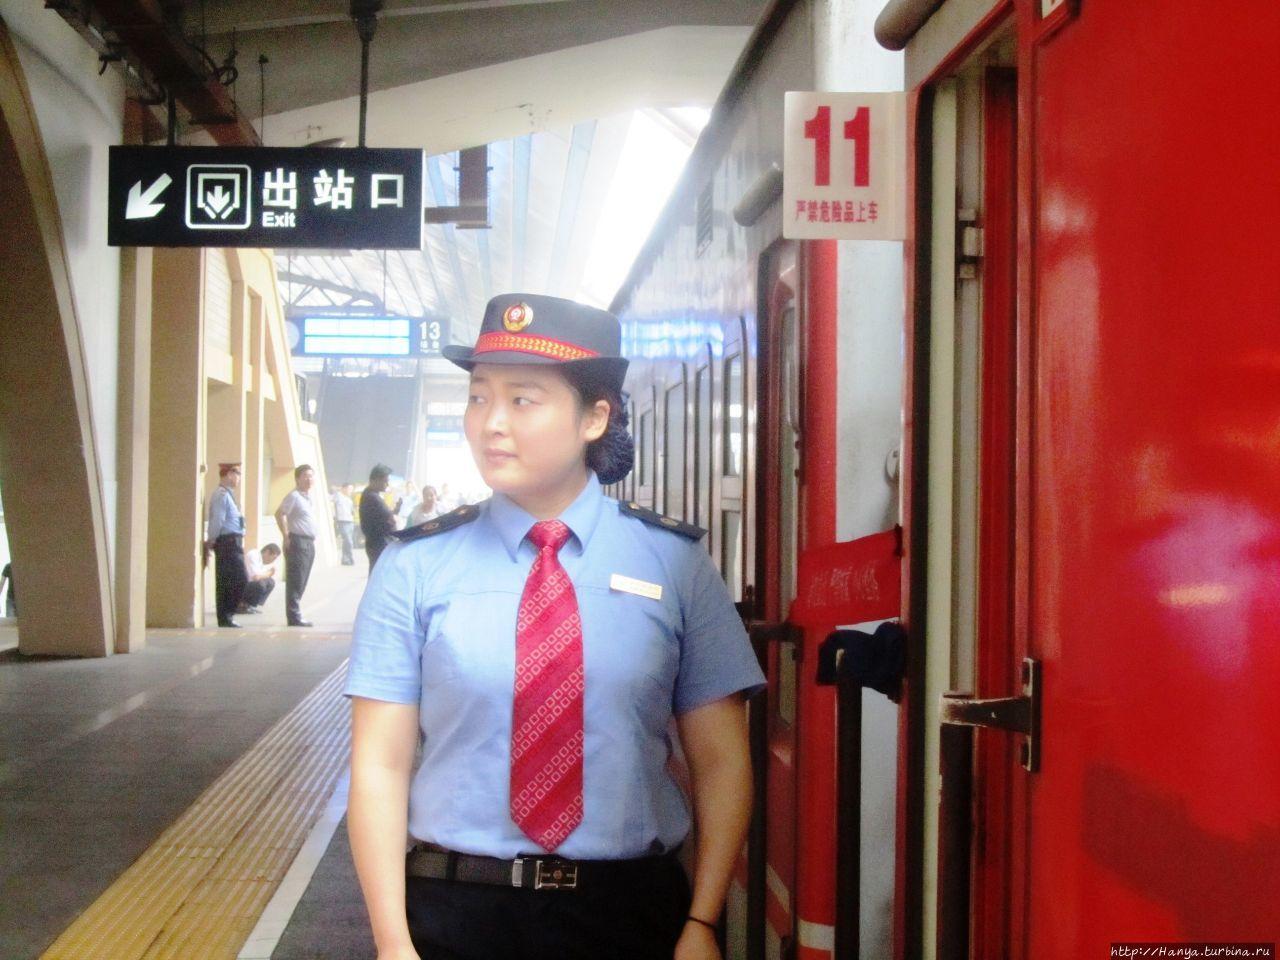 Посадка на поезд в Пекине